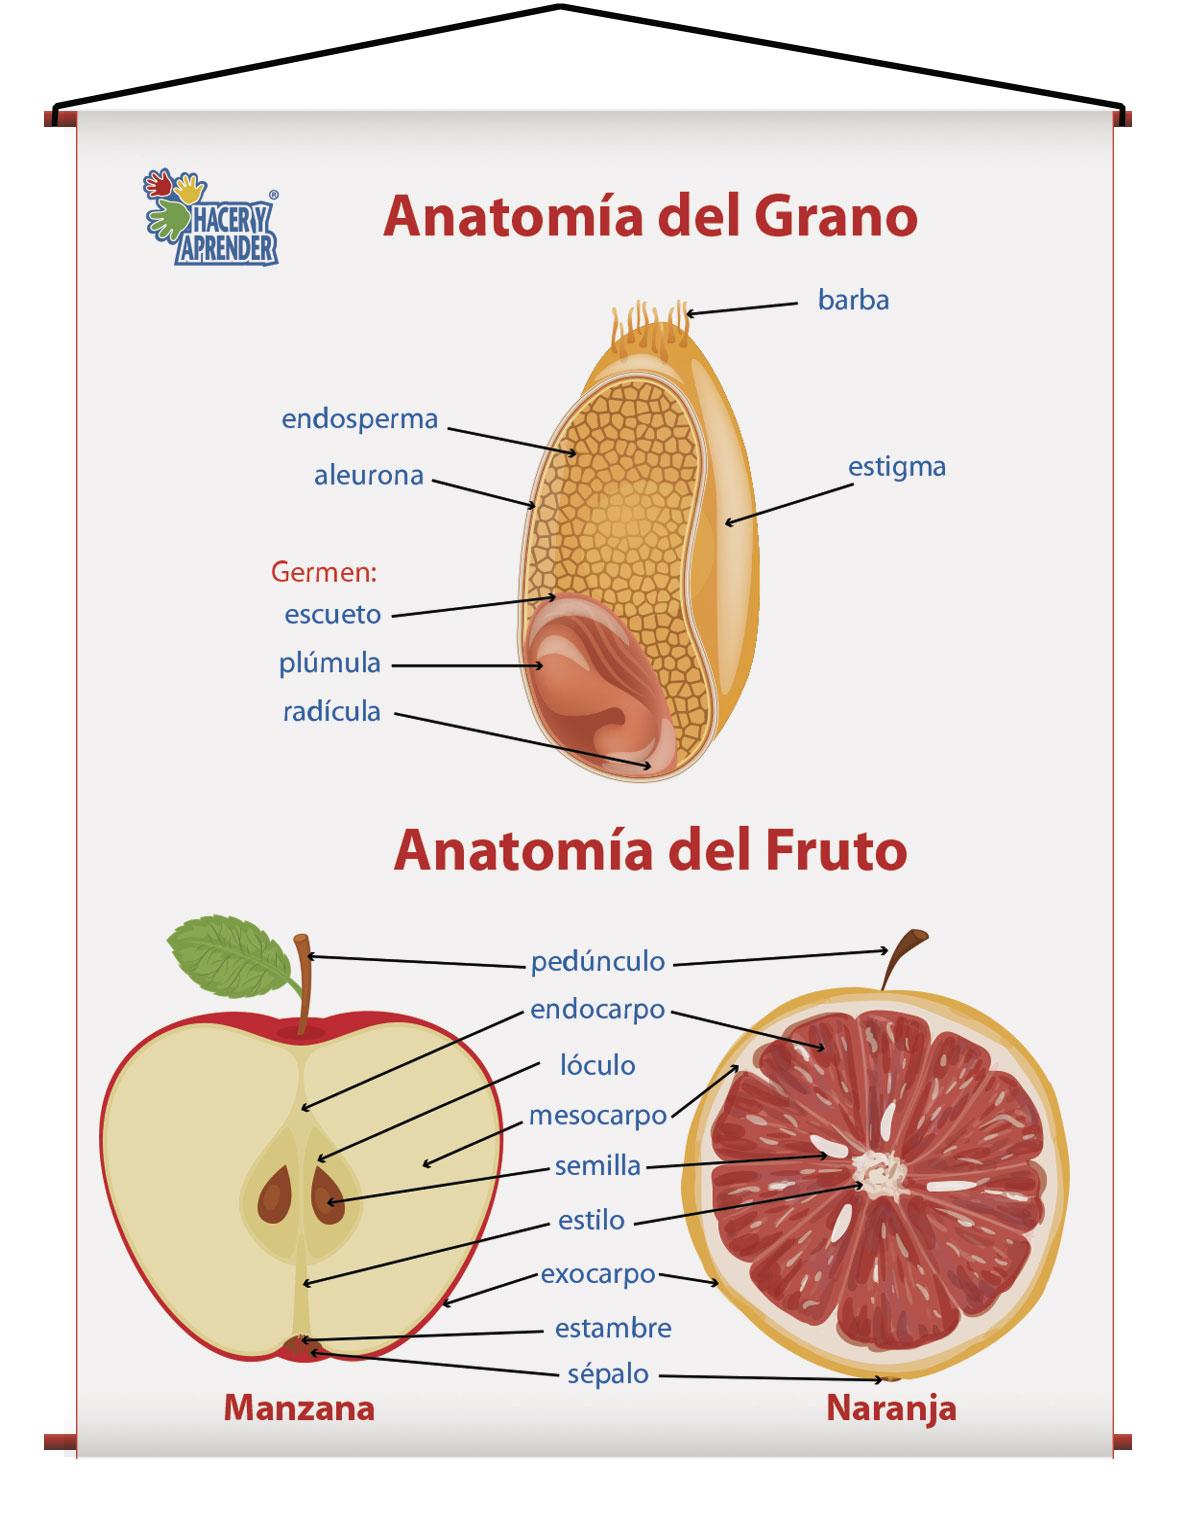 1708 ANATOMIA DEL GRANO